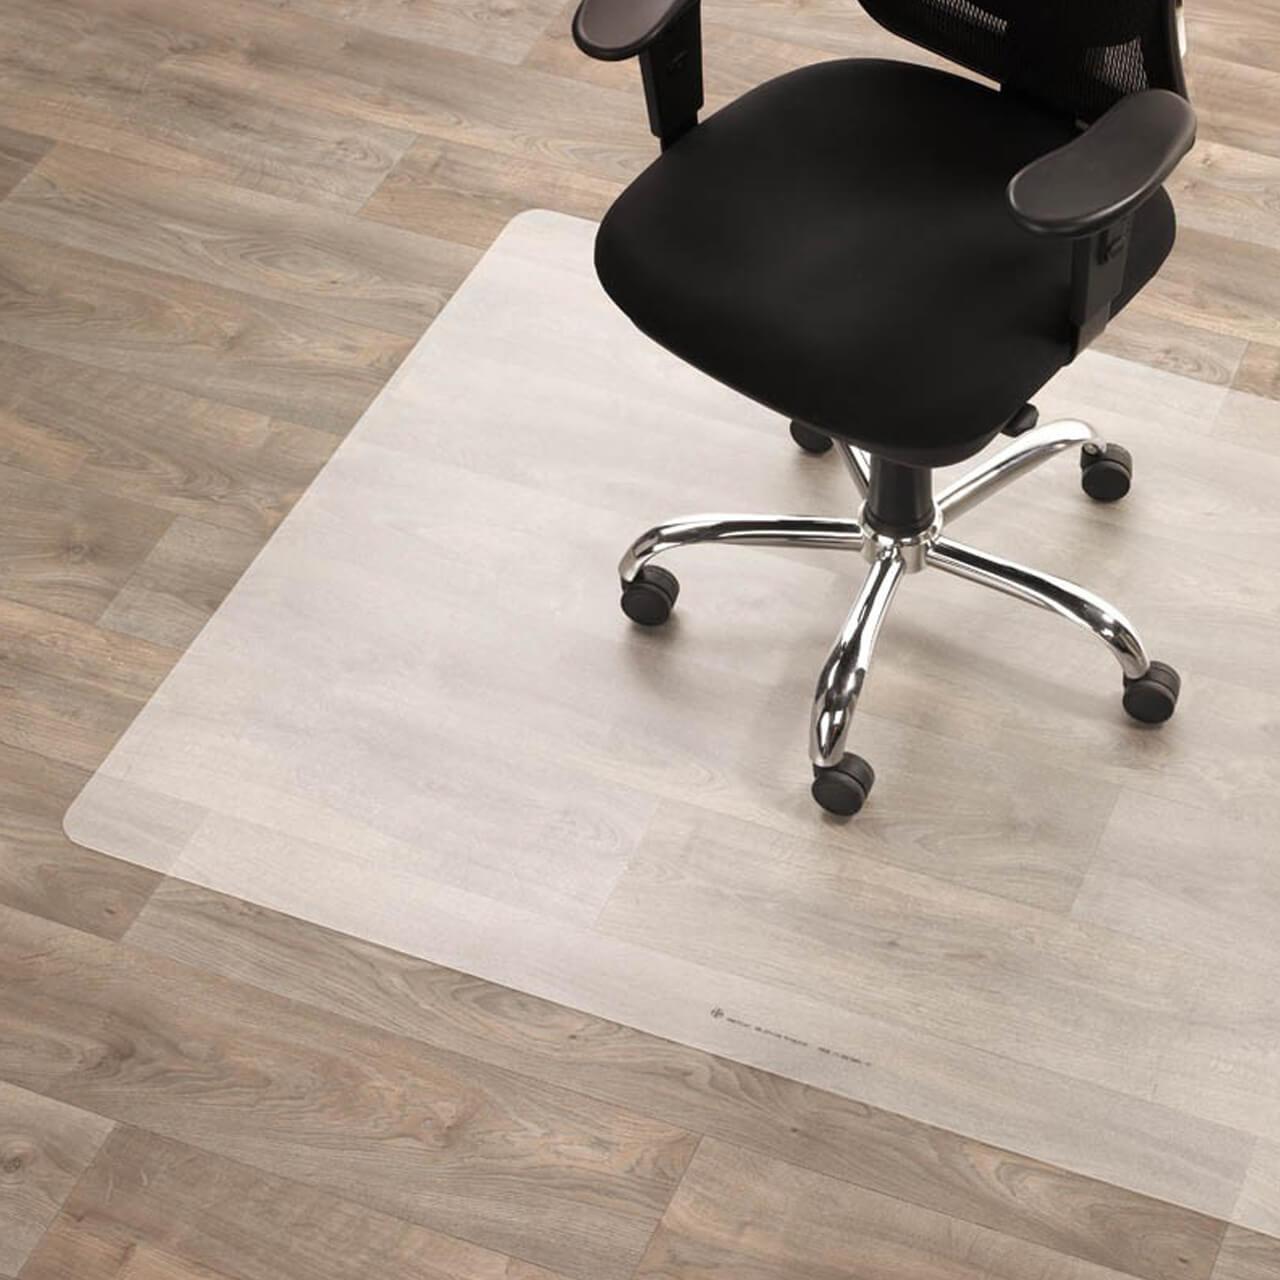 Vloermat harde vloeren vloermatten ERKAEXD104 0001s 0000 Voorkant